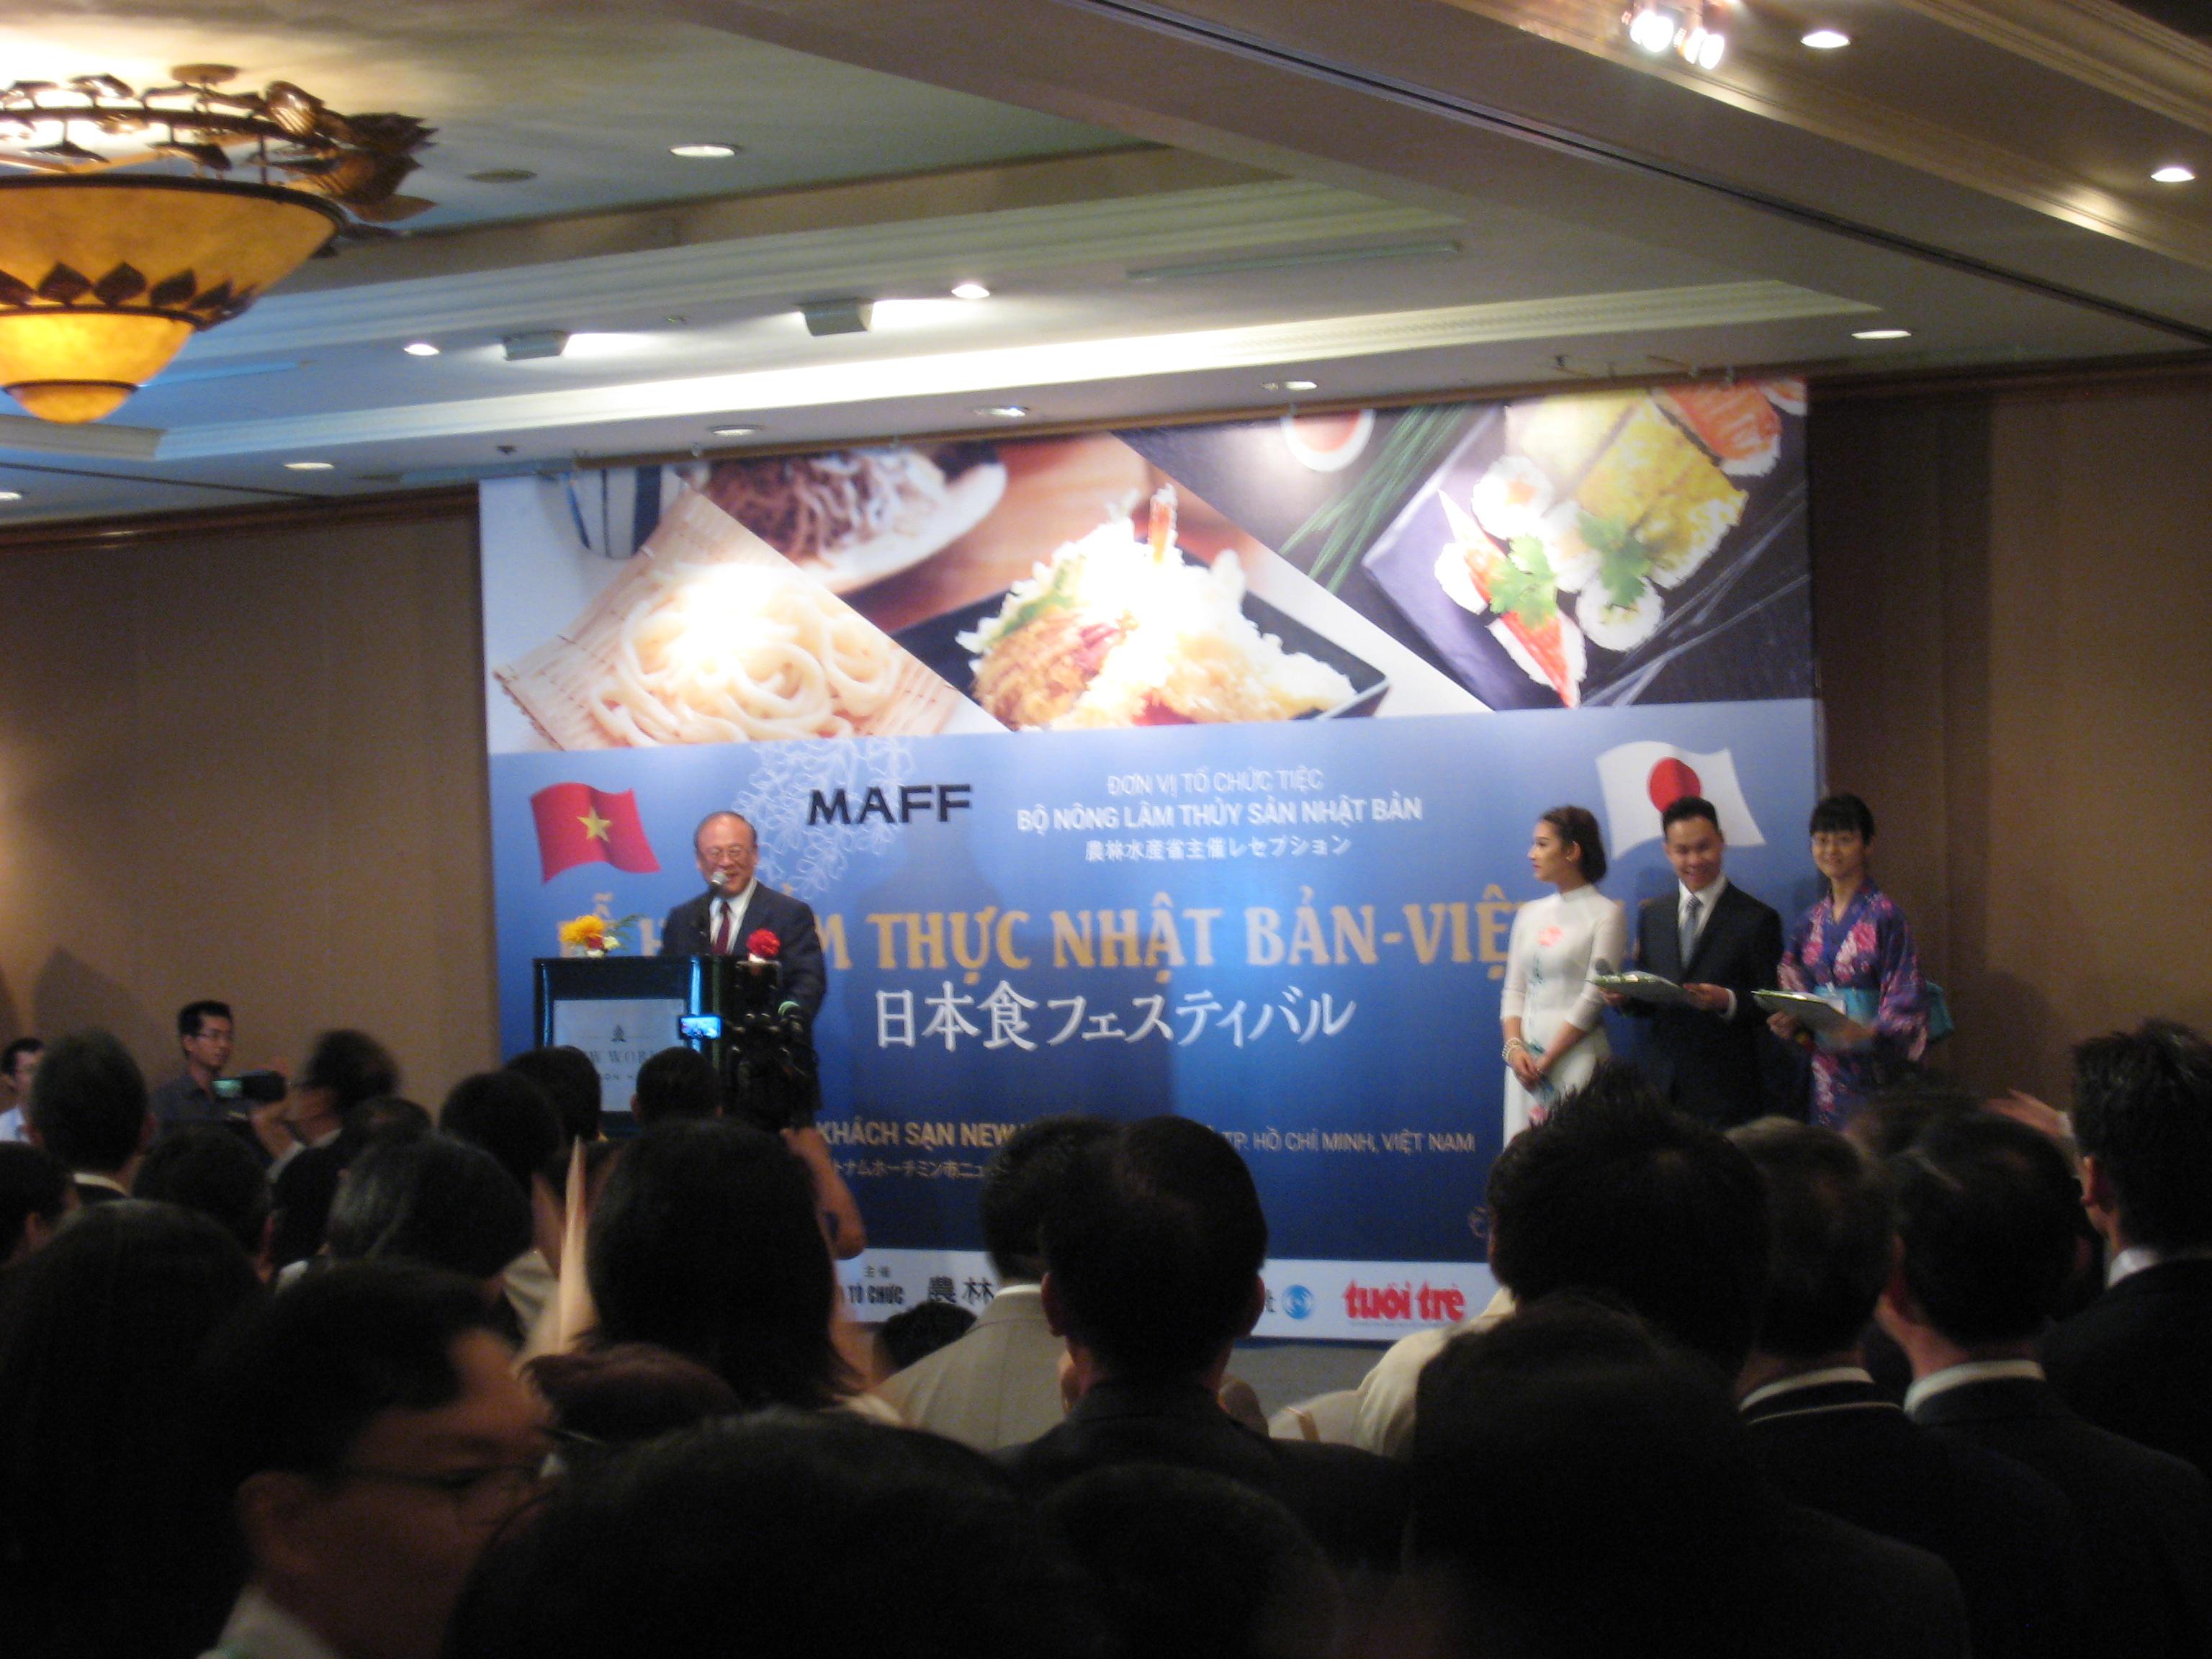 武部勤実行委員長の日本食フェスティバル挨拶